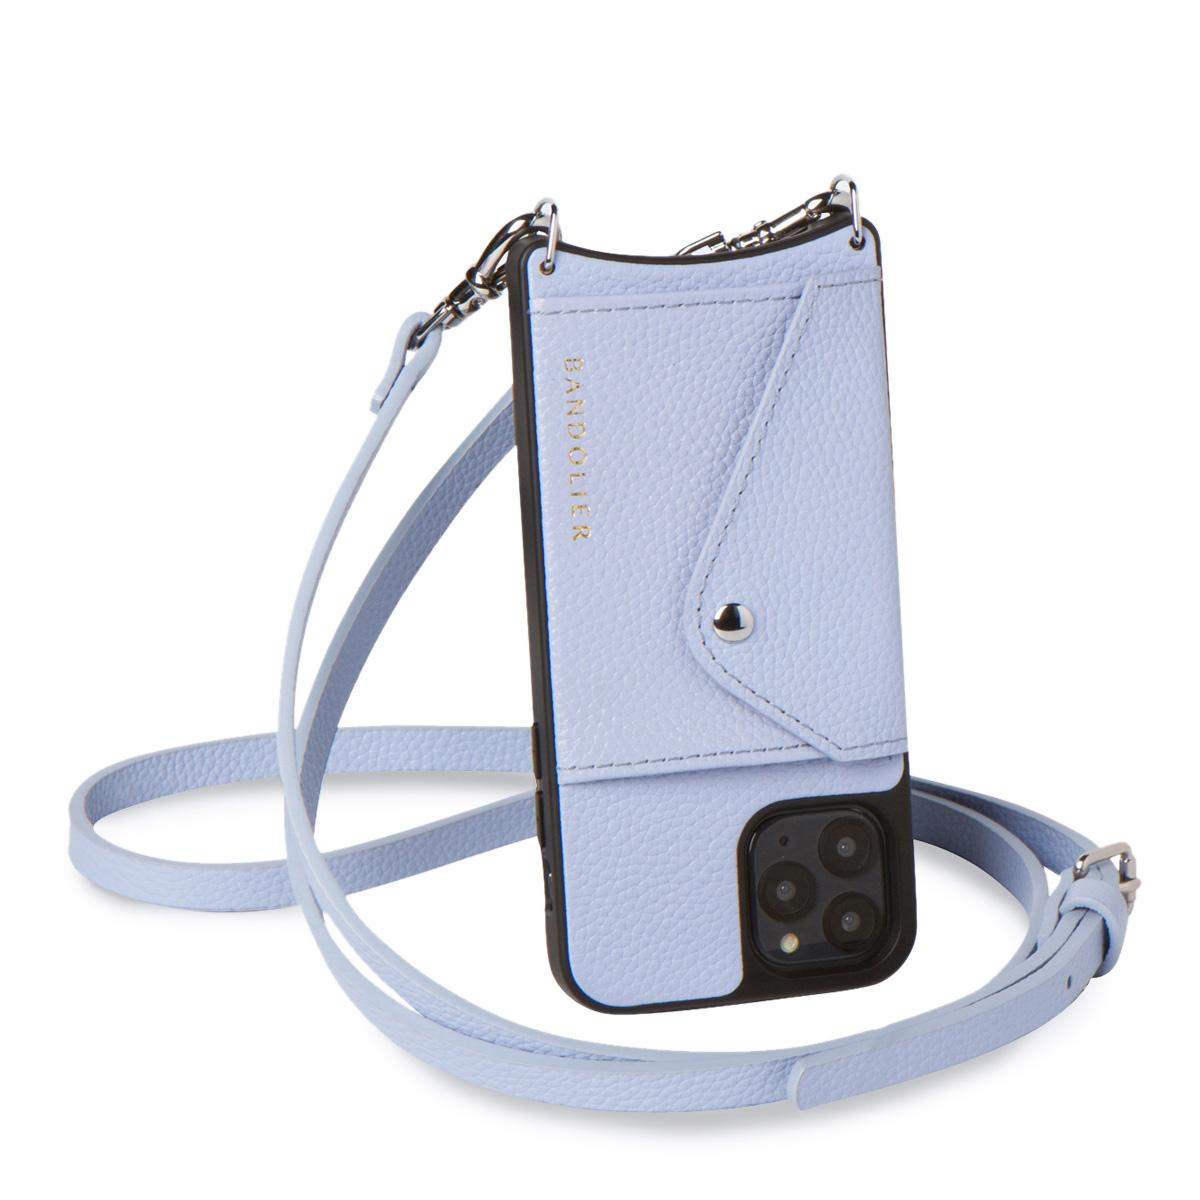 BANDOLIER DONNA バンドリヤー iPhone11 Pro MAX ケース スマホ 携帯 ショルダー アイフォン ドナー メンズ レディース ブルー 14DON [5/26 再入荷]